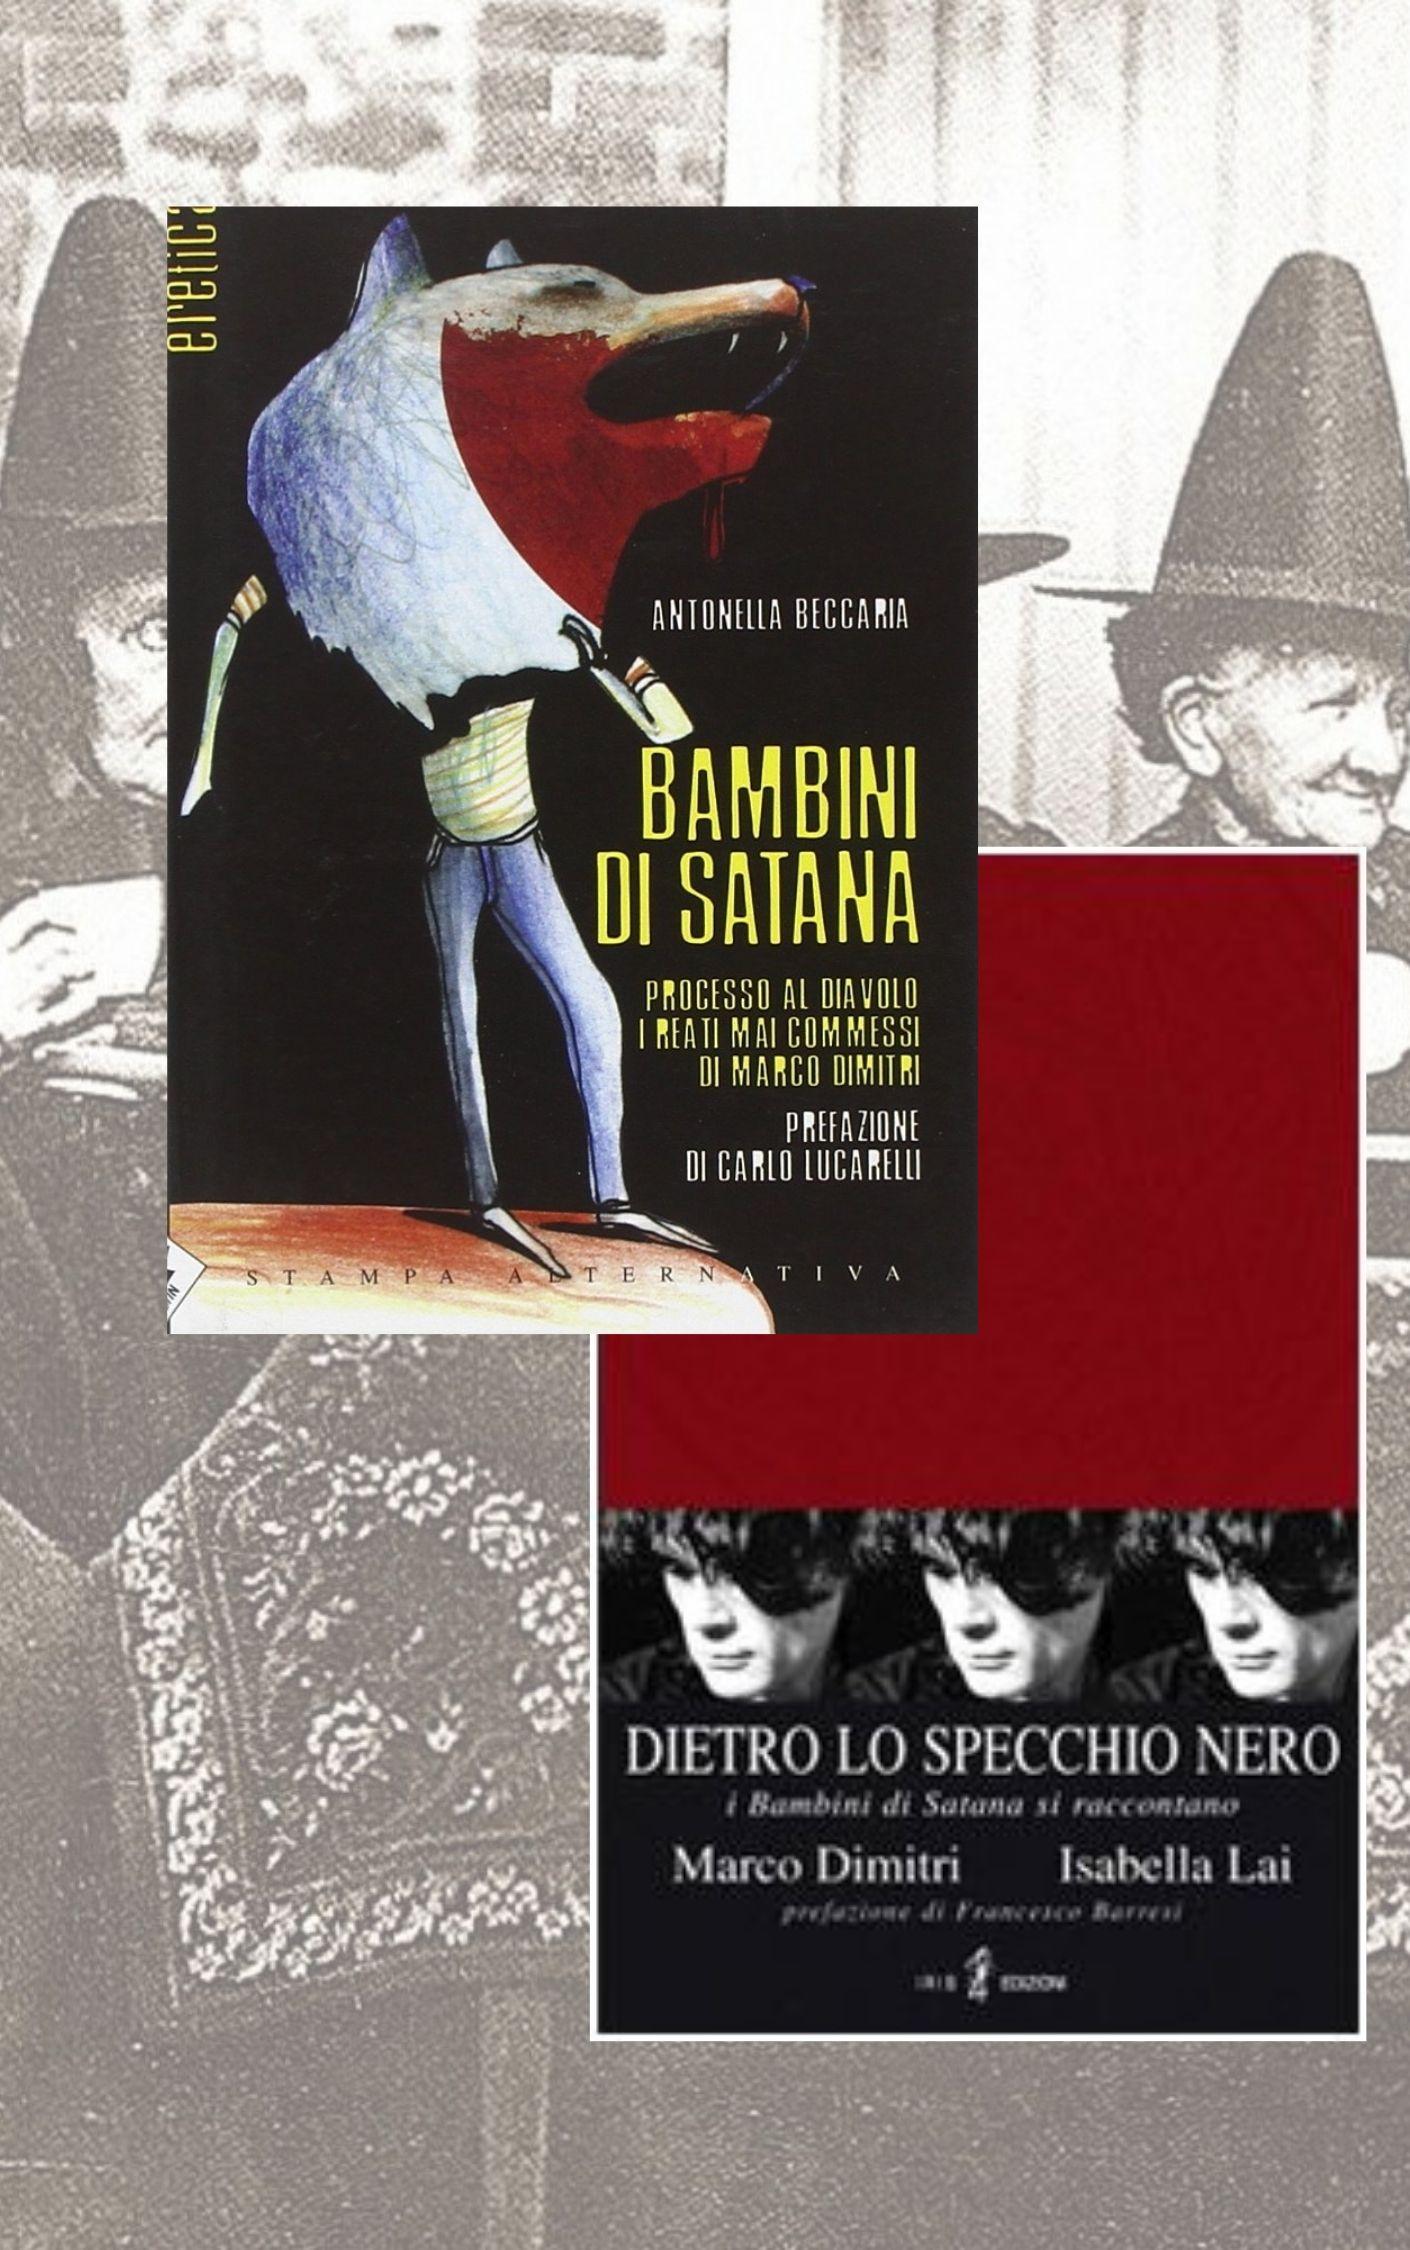 Caccia ai libri di Marco Dimitri: negli anni '90 fu al centro di un clamoroso errore giudiziario per la setta dei bambini di Satana